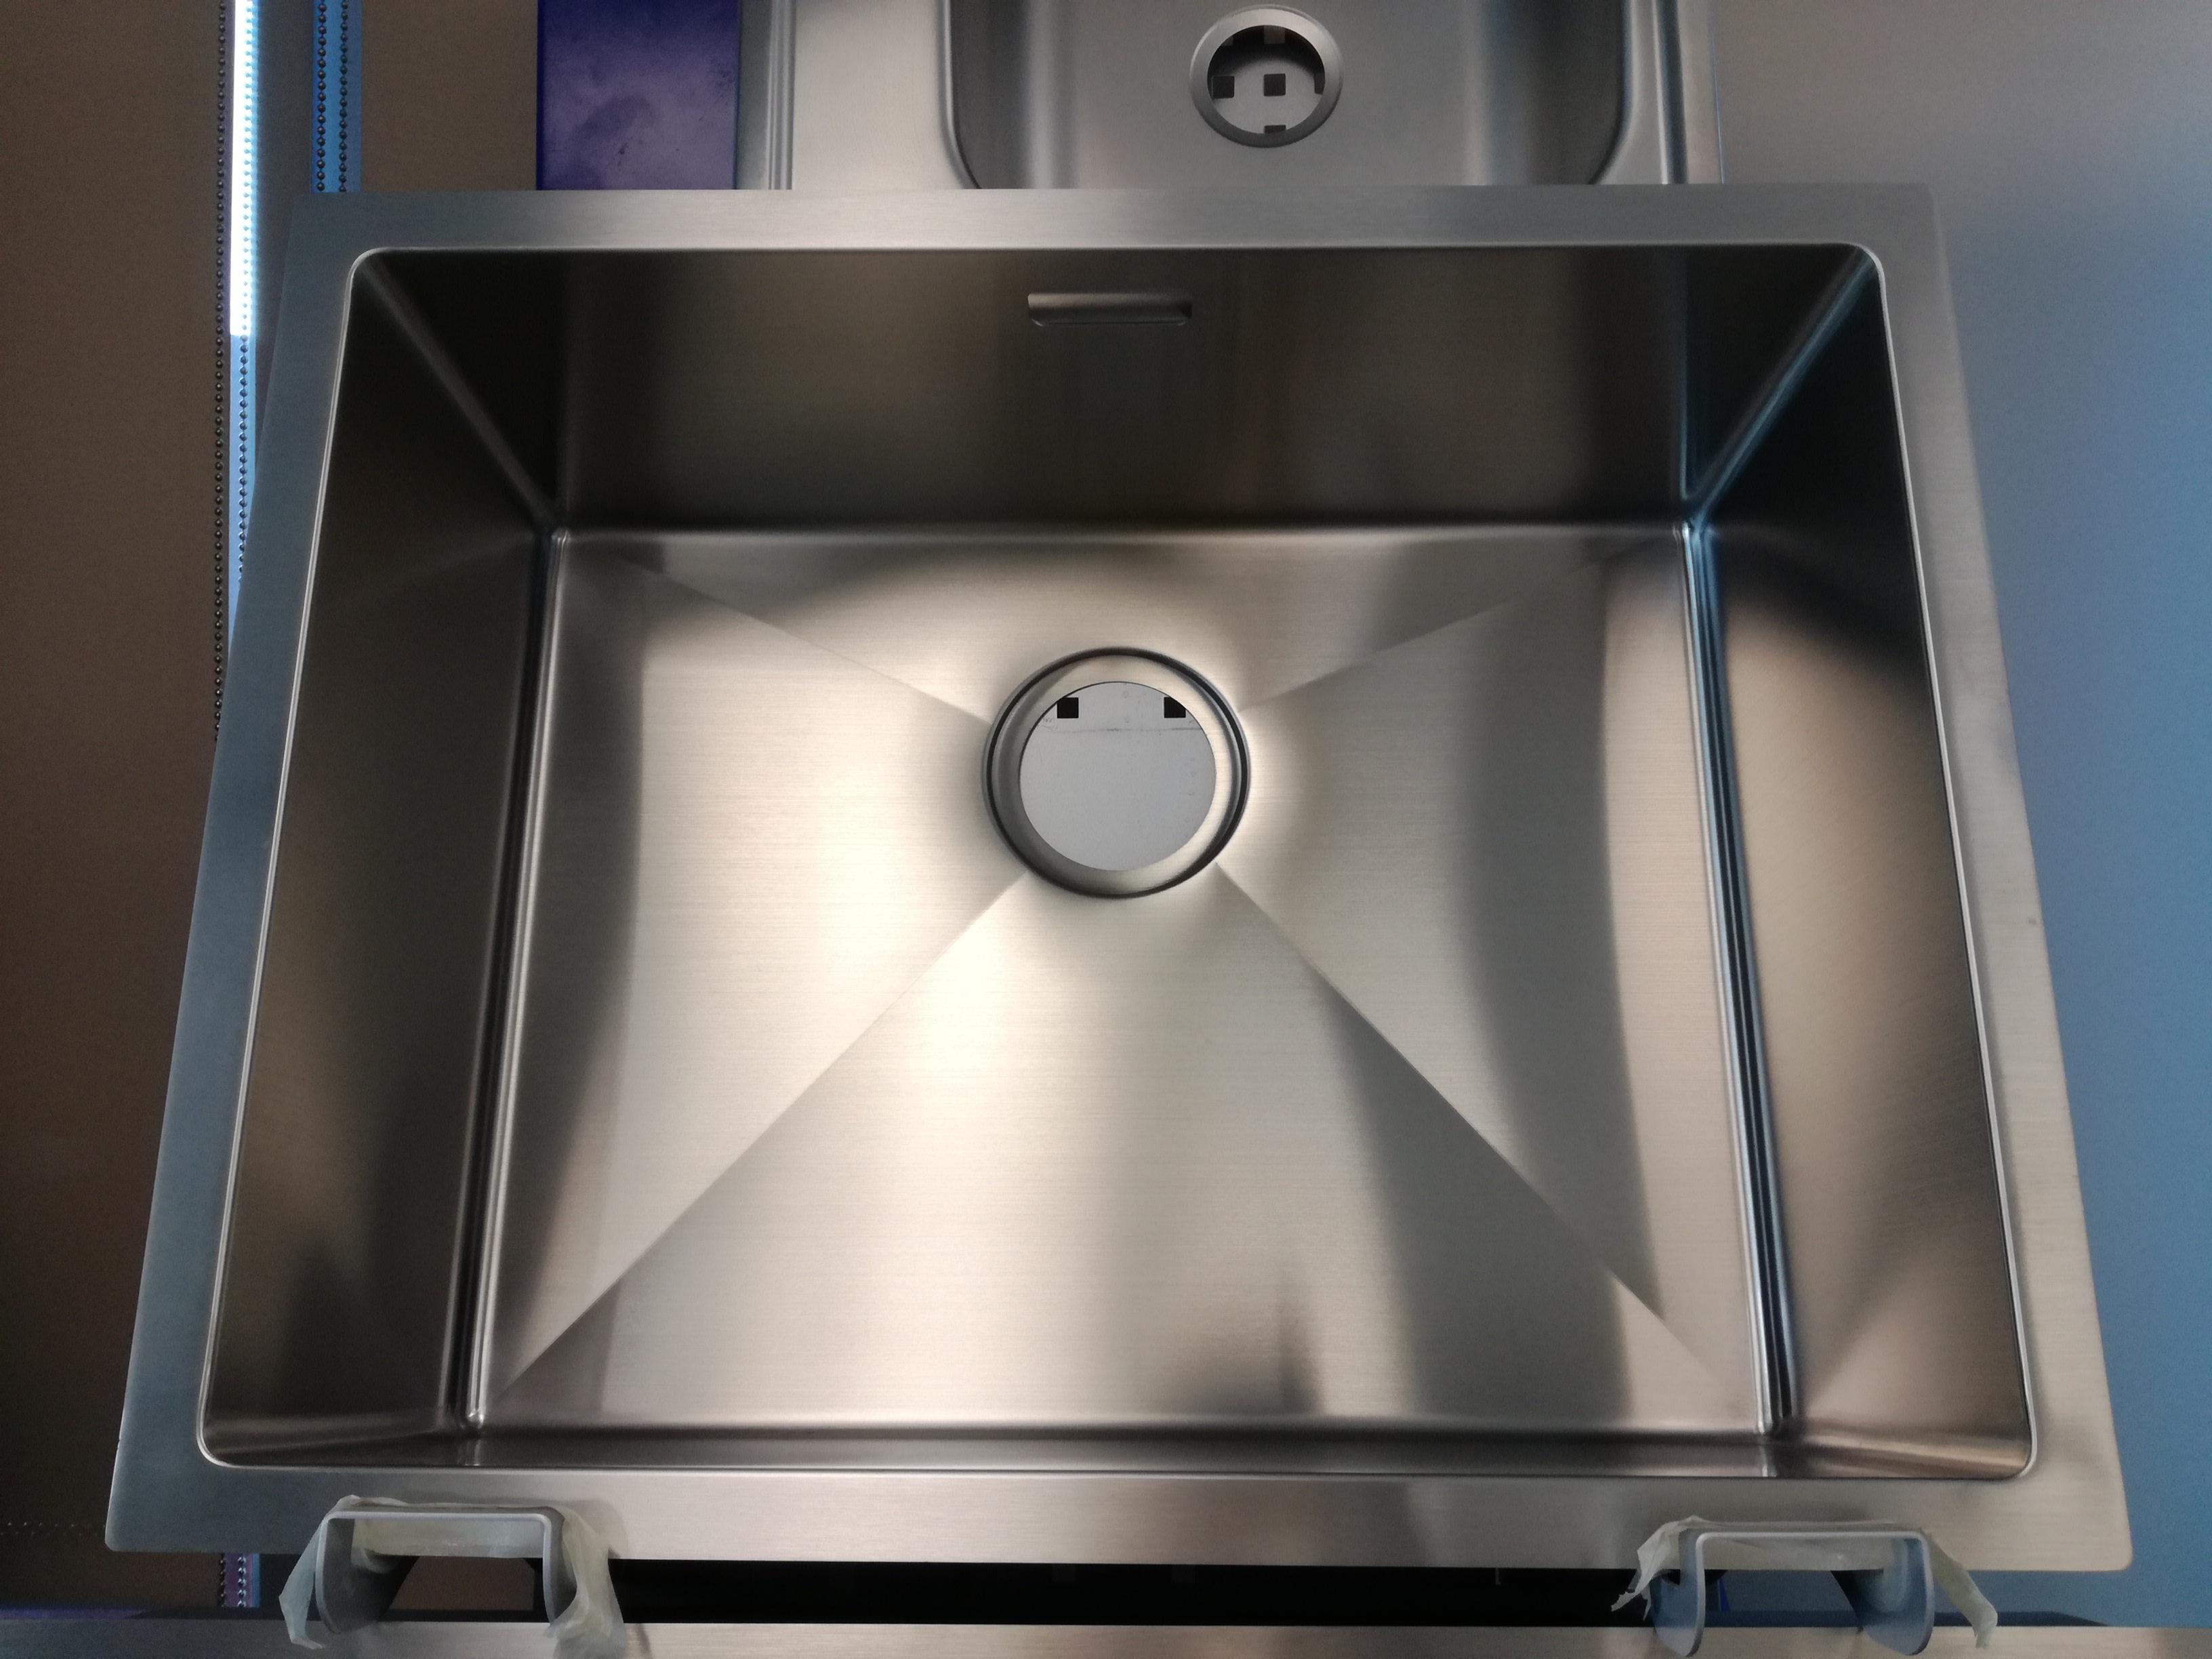 Undermount Stainless Steel Sink (wide) 951068